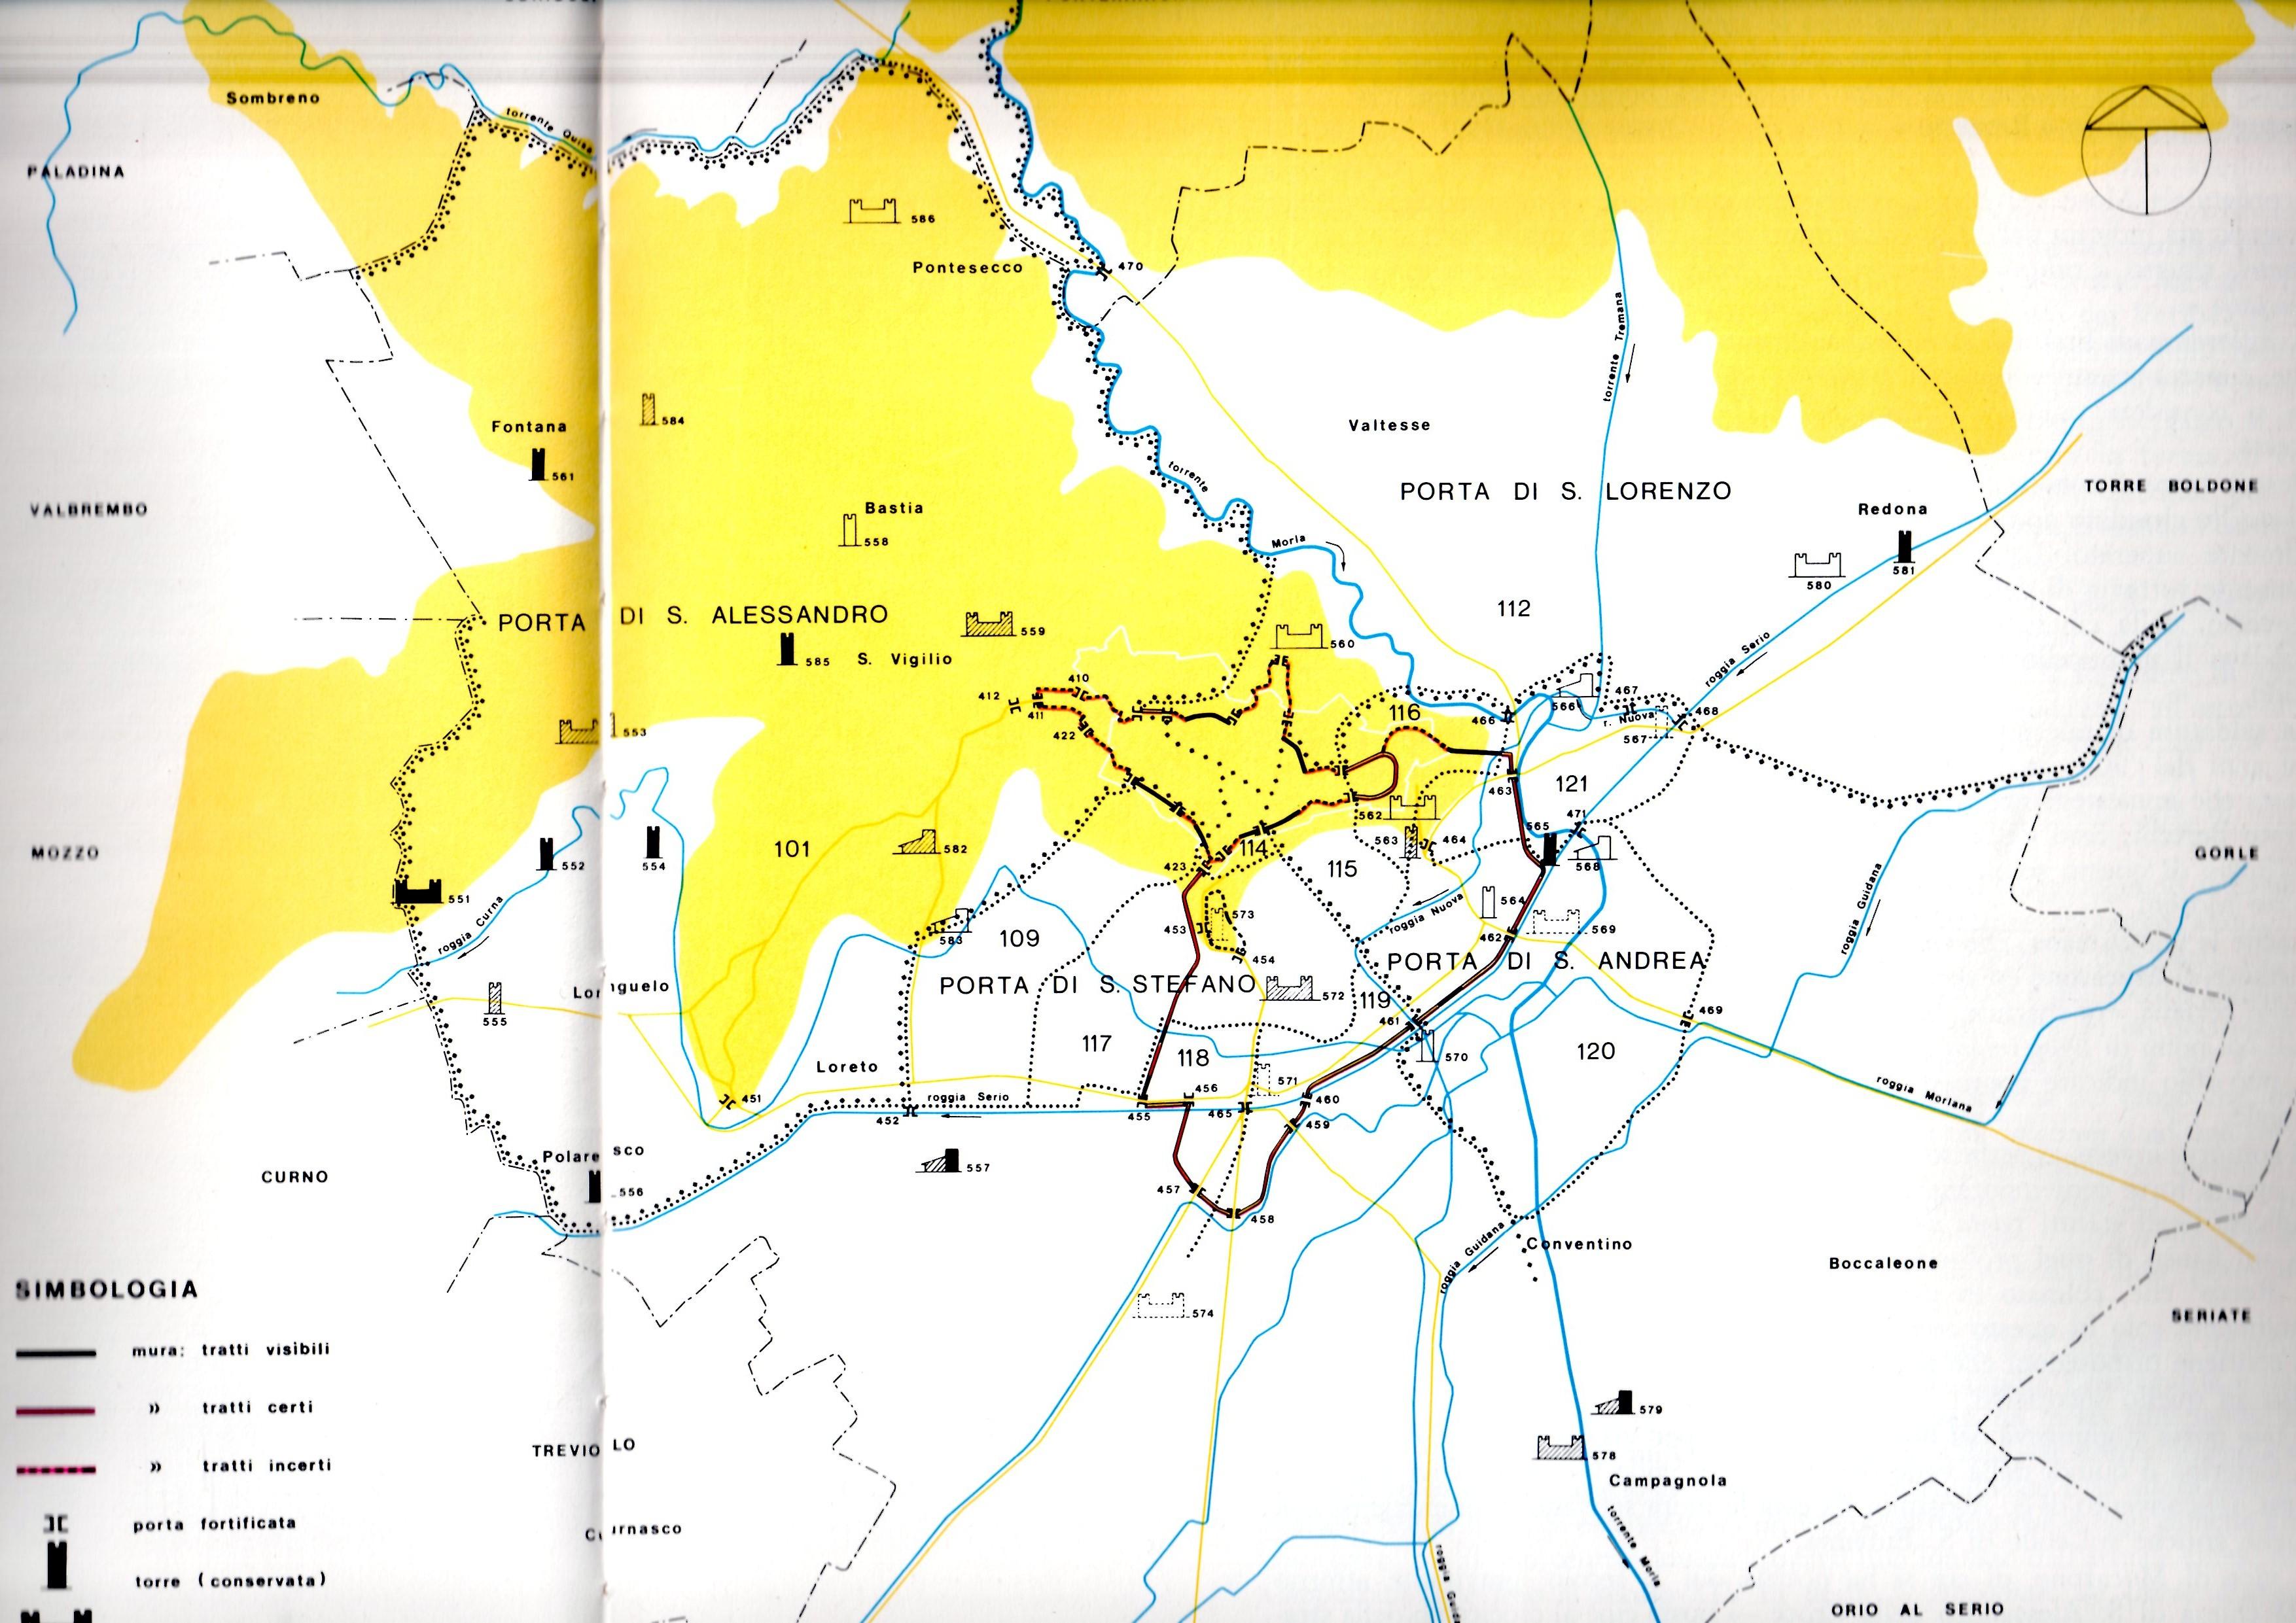 fortificazioni periferiche medievali e corsi d'acqua